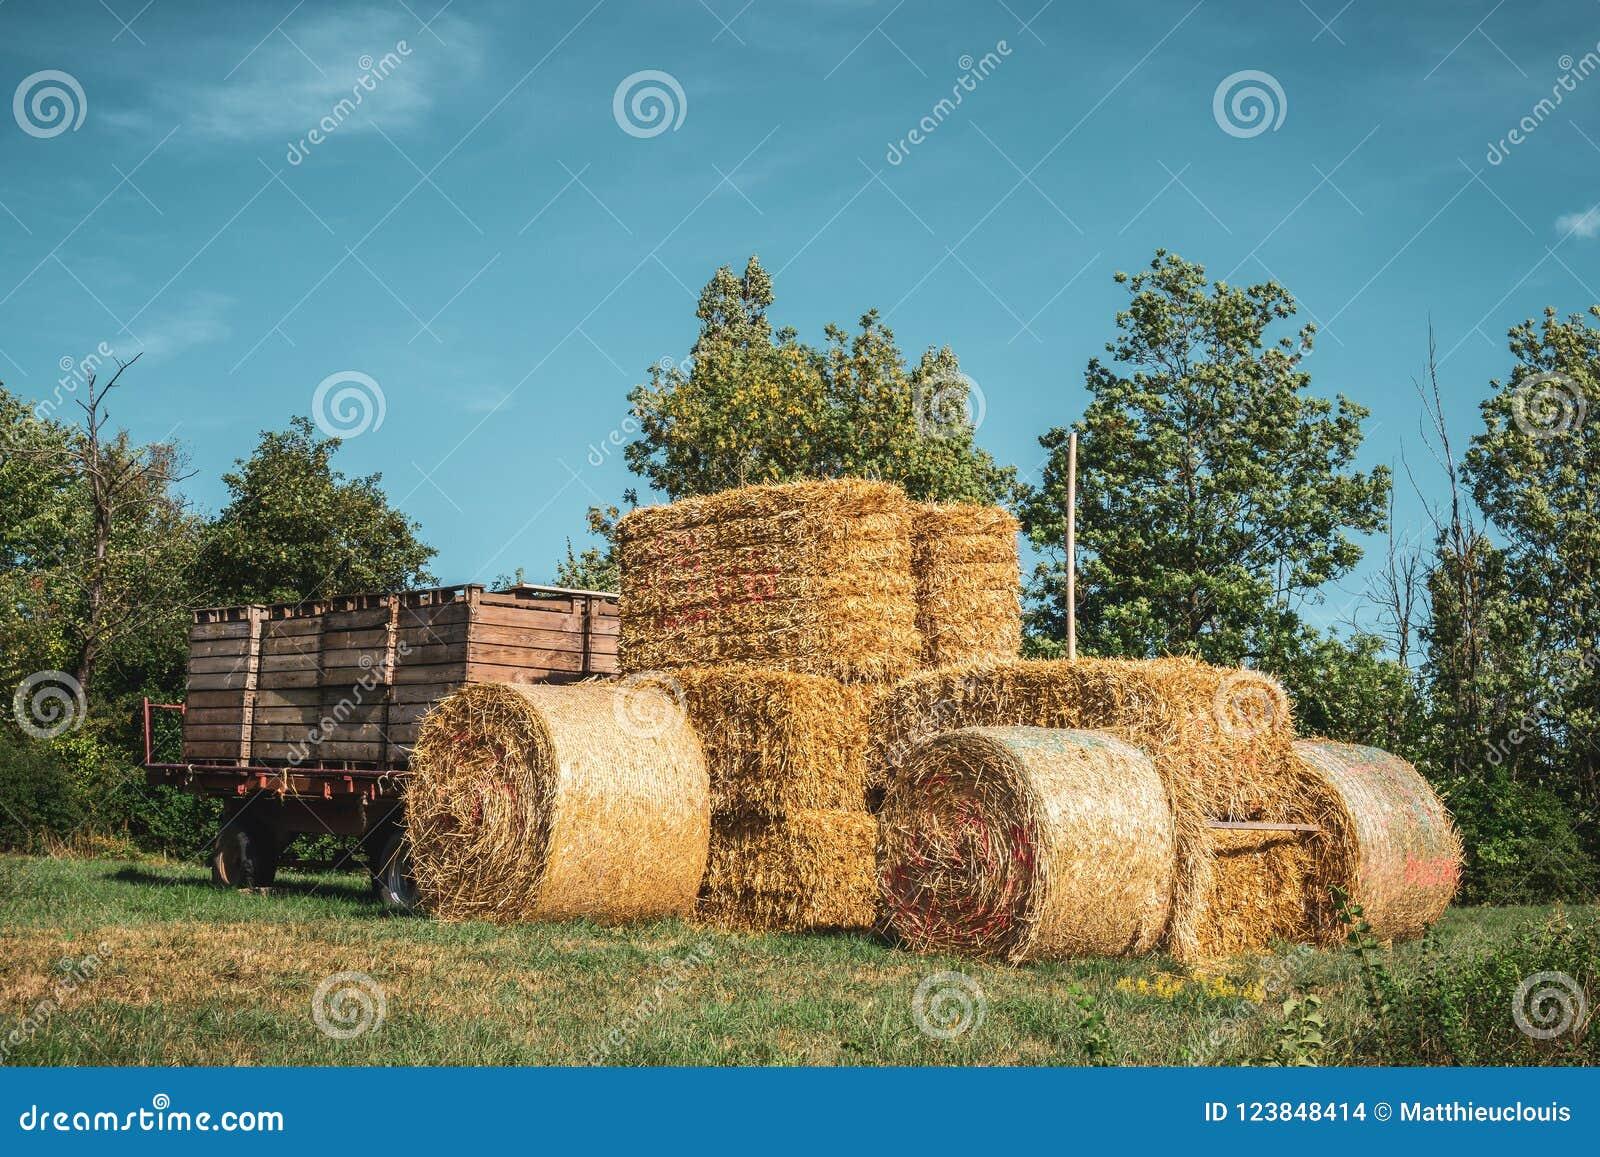 Farm tractor made of haystacks